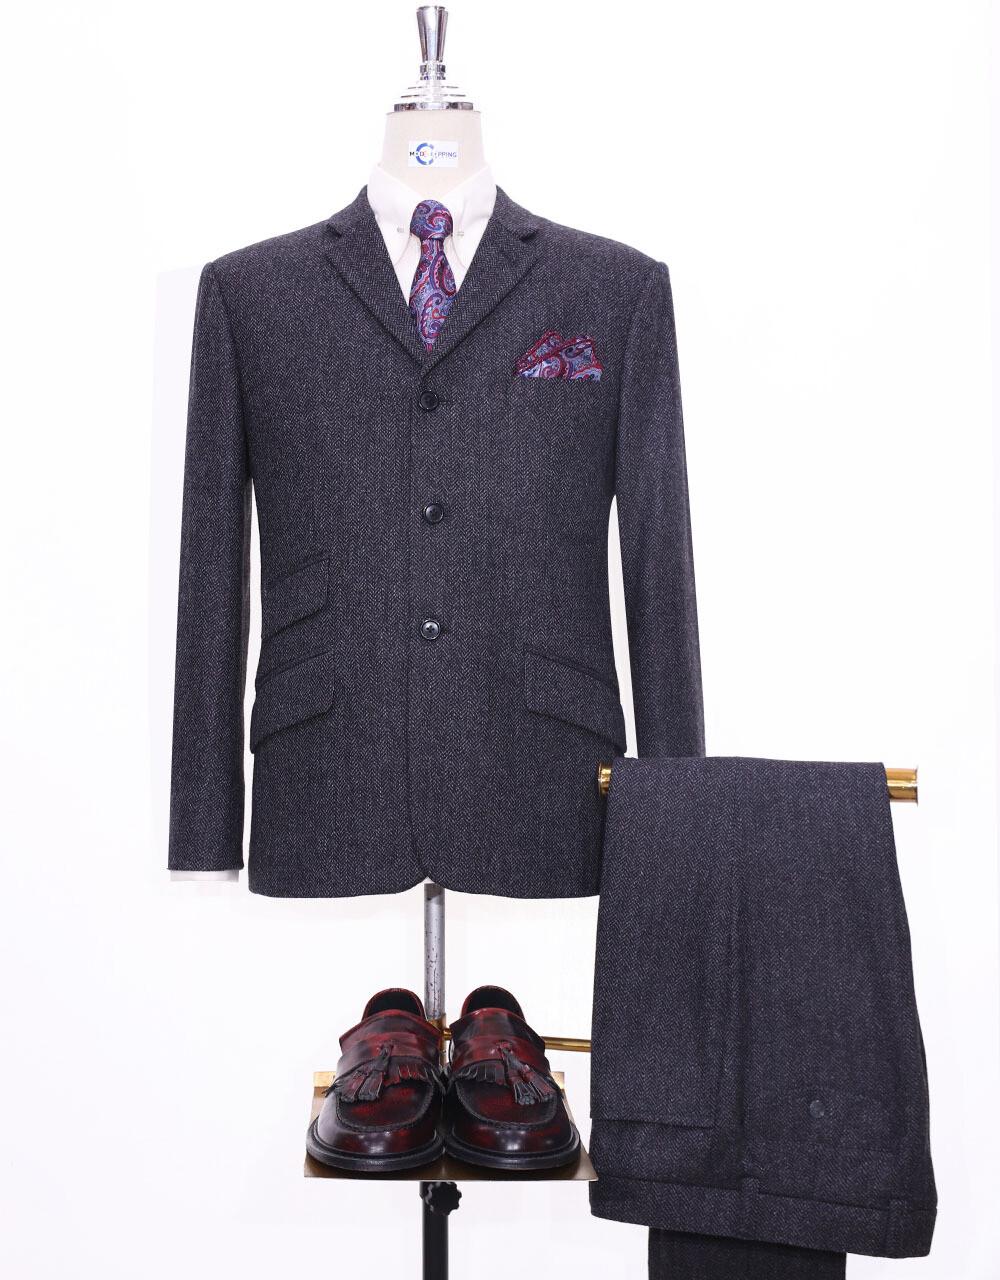 Tweed Suit | Charcoal Grey Herringbone 3 Button Suit